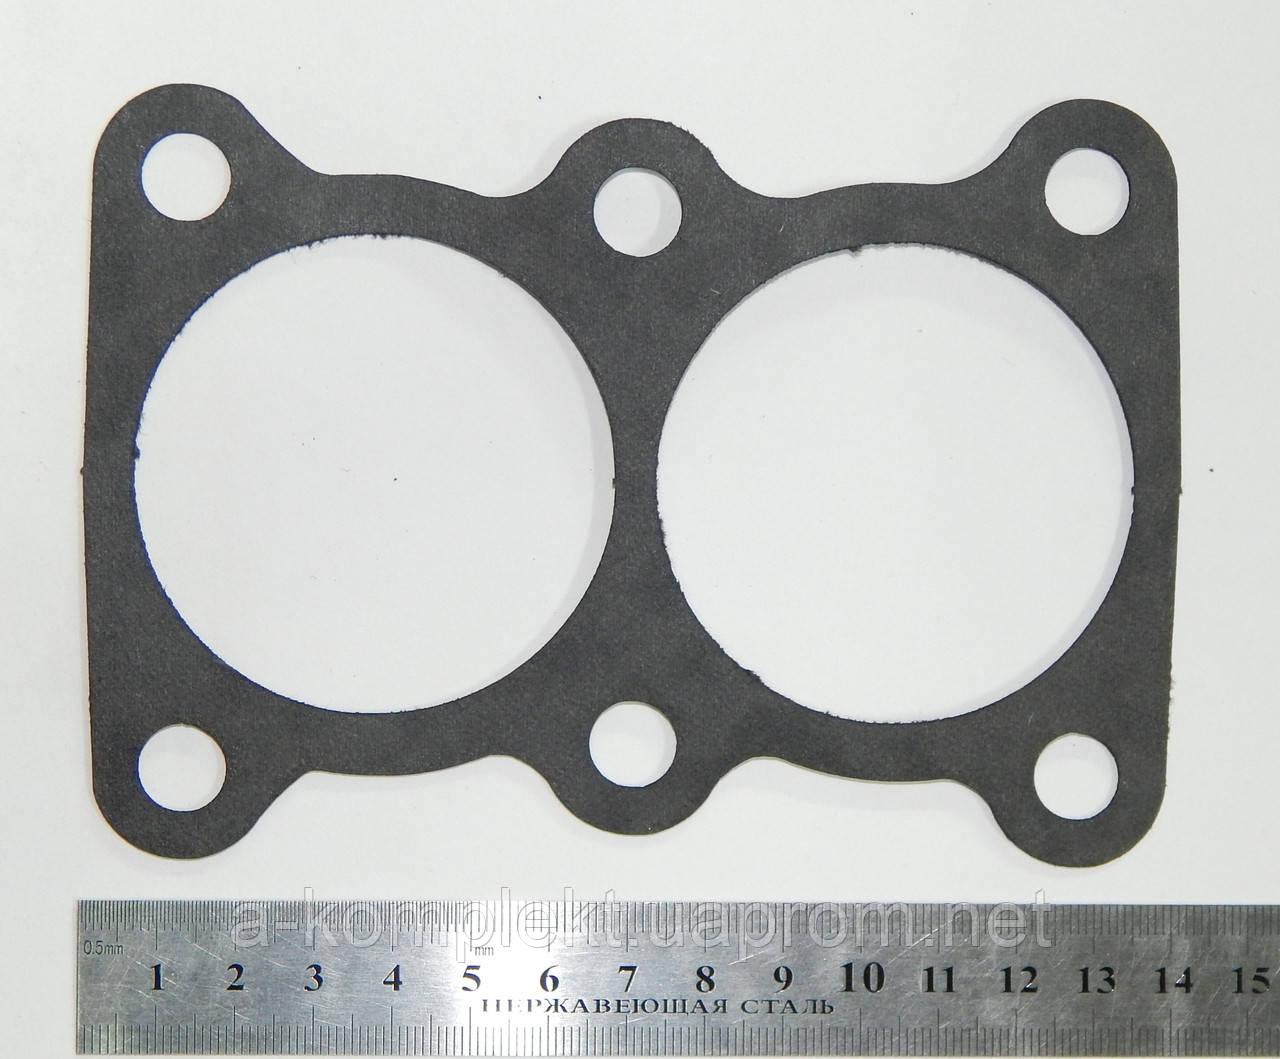 Прокладка блока цилиндров компрессора КамАЗ,ЗИЛ,Т-150